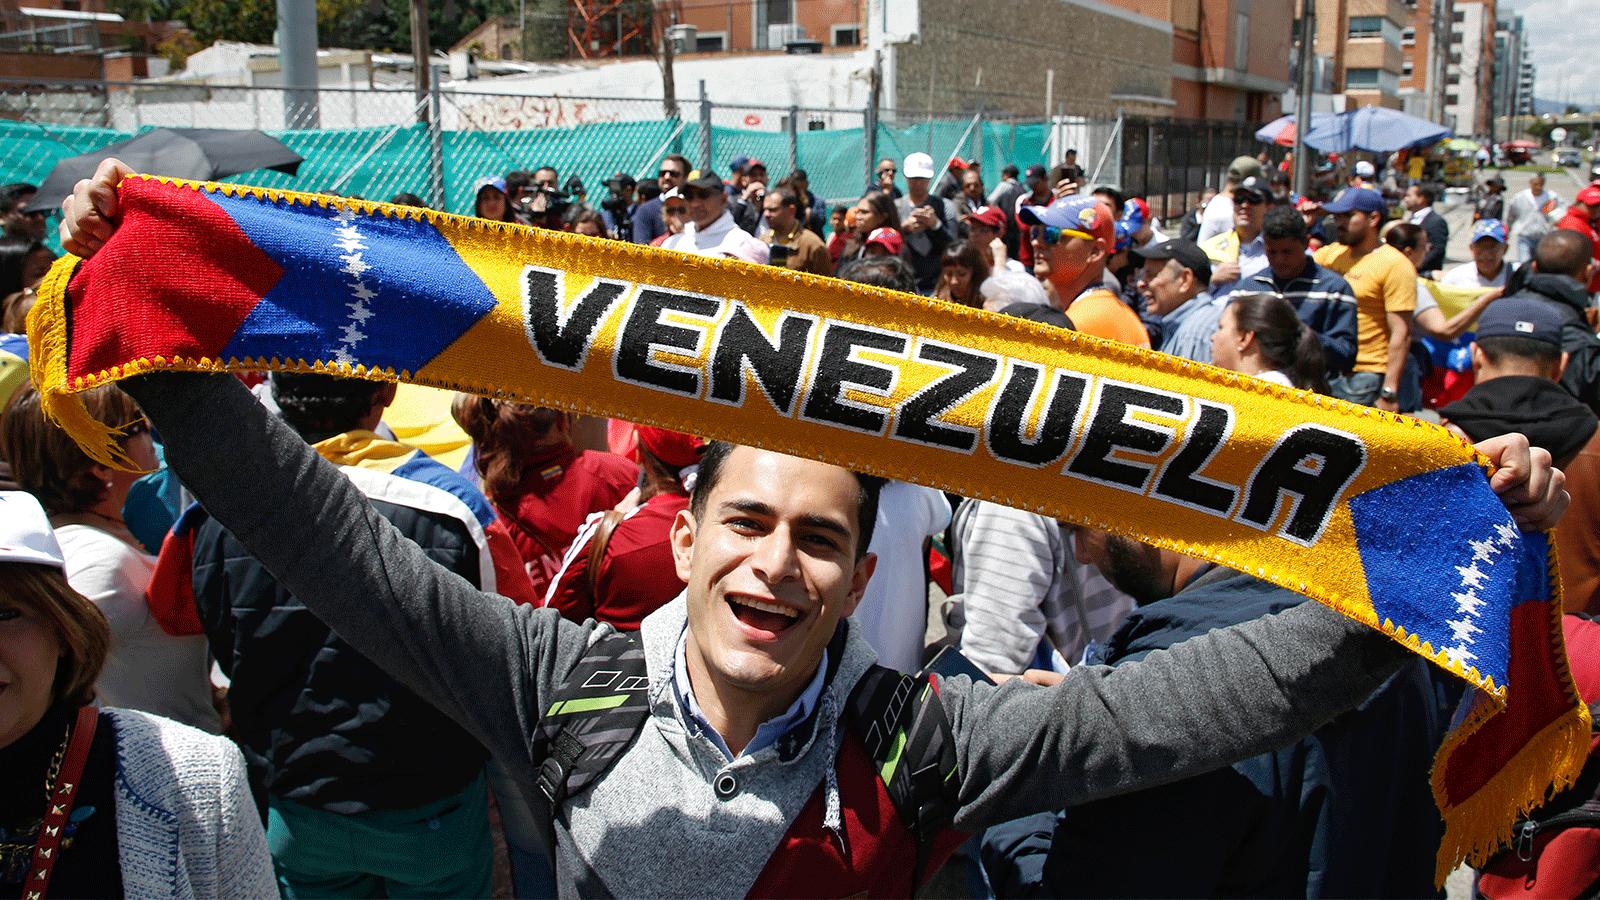 Aumentó el número de migrantes irregulares en el país, según cifras de Migración Colombia